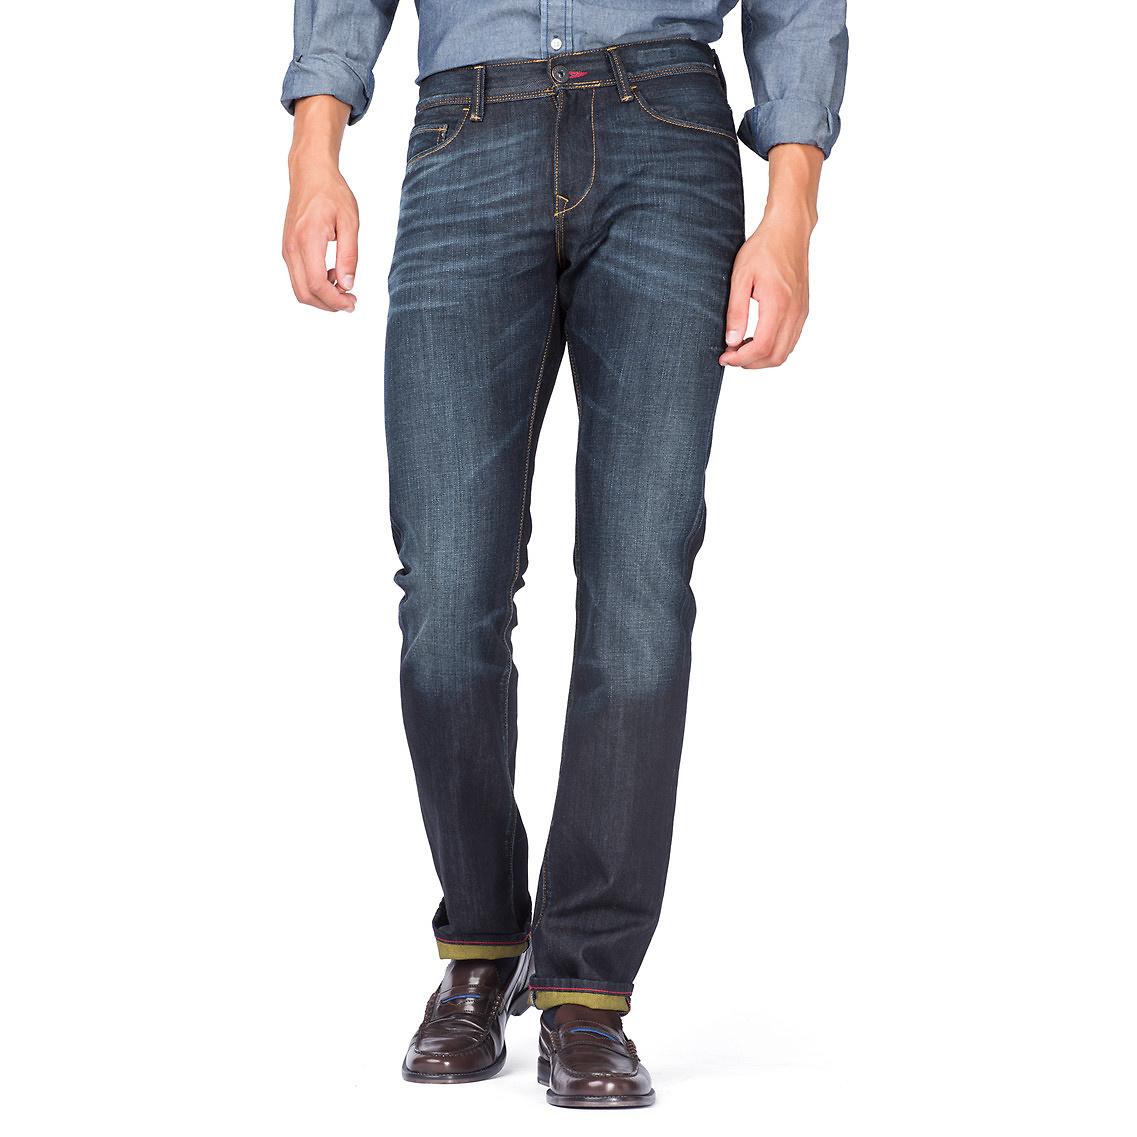 tommy hilfiger hudson slim fit jeans in blue for men. Black Bedroom Furniture Sets. Home Design Ideas